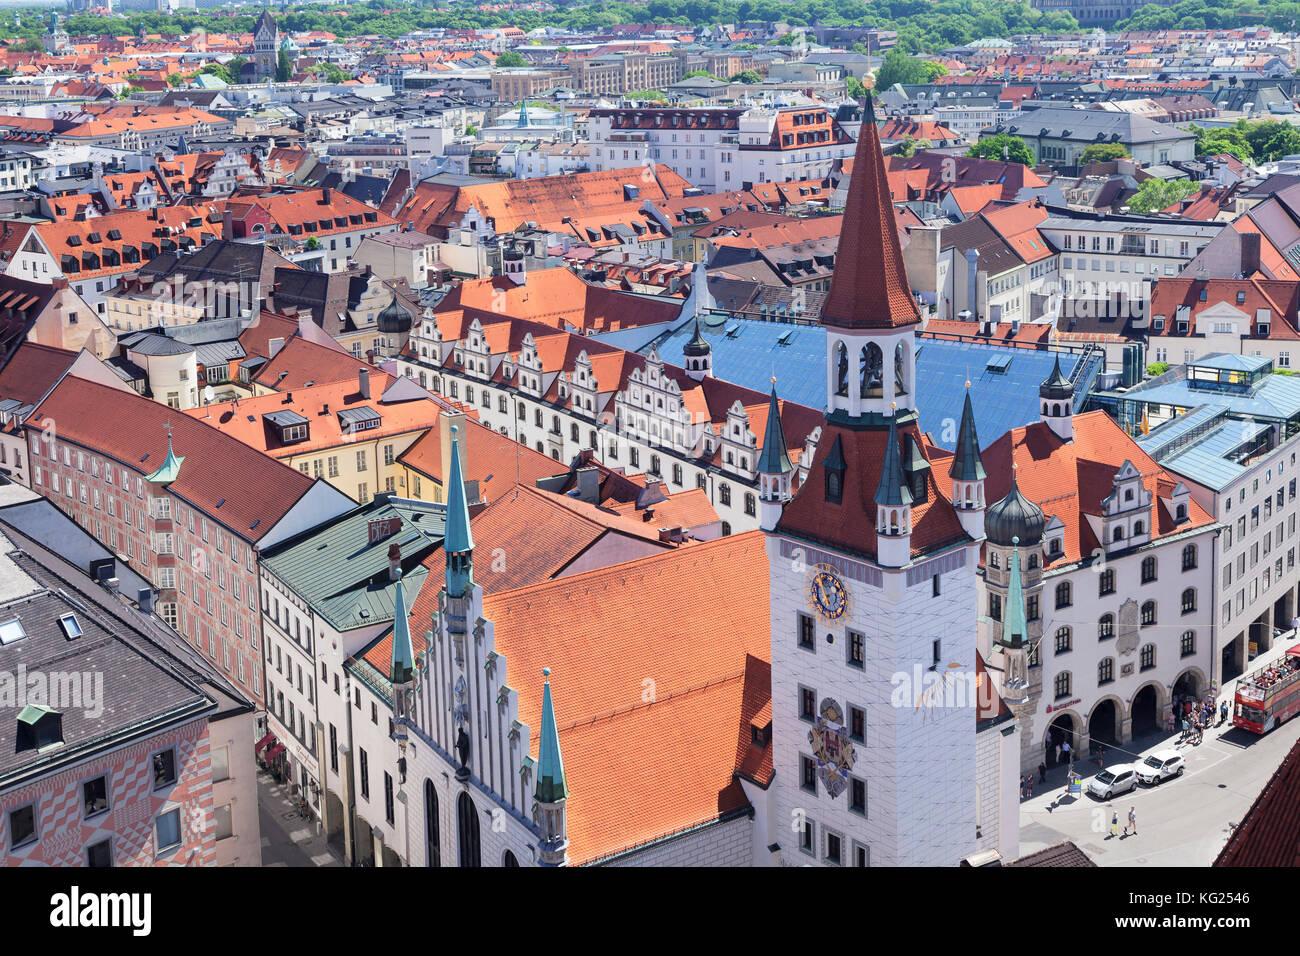 Municipio della città vecchia (Altes Rathaus) a piazza Marienplatz, Monaco di Baviera, Germania, Europa Immagini Stock